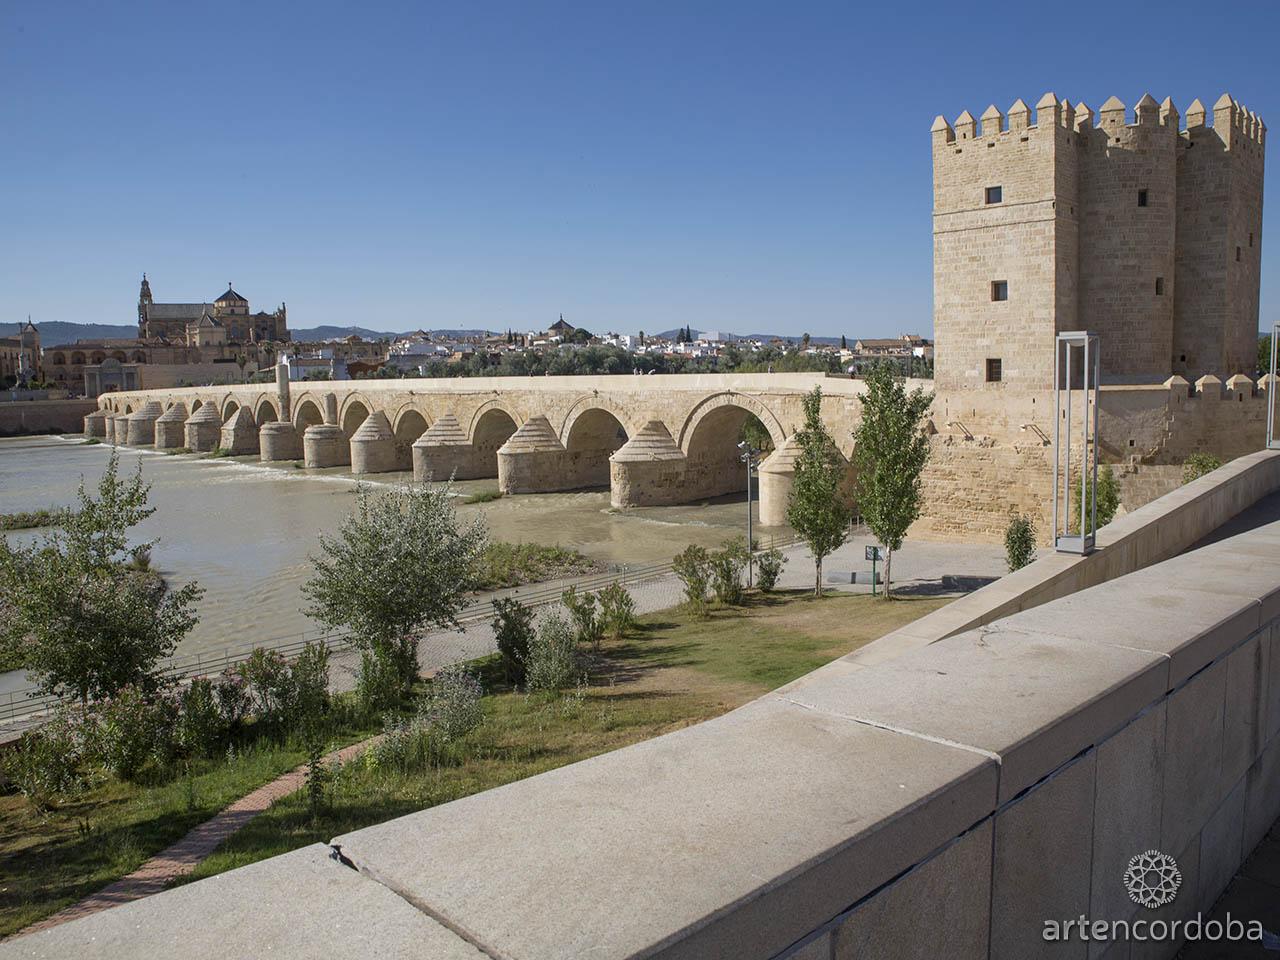 El Puente Romano de Córdoba junto a la Mezquita Catedral y la torre Calahorra